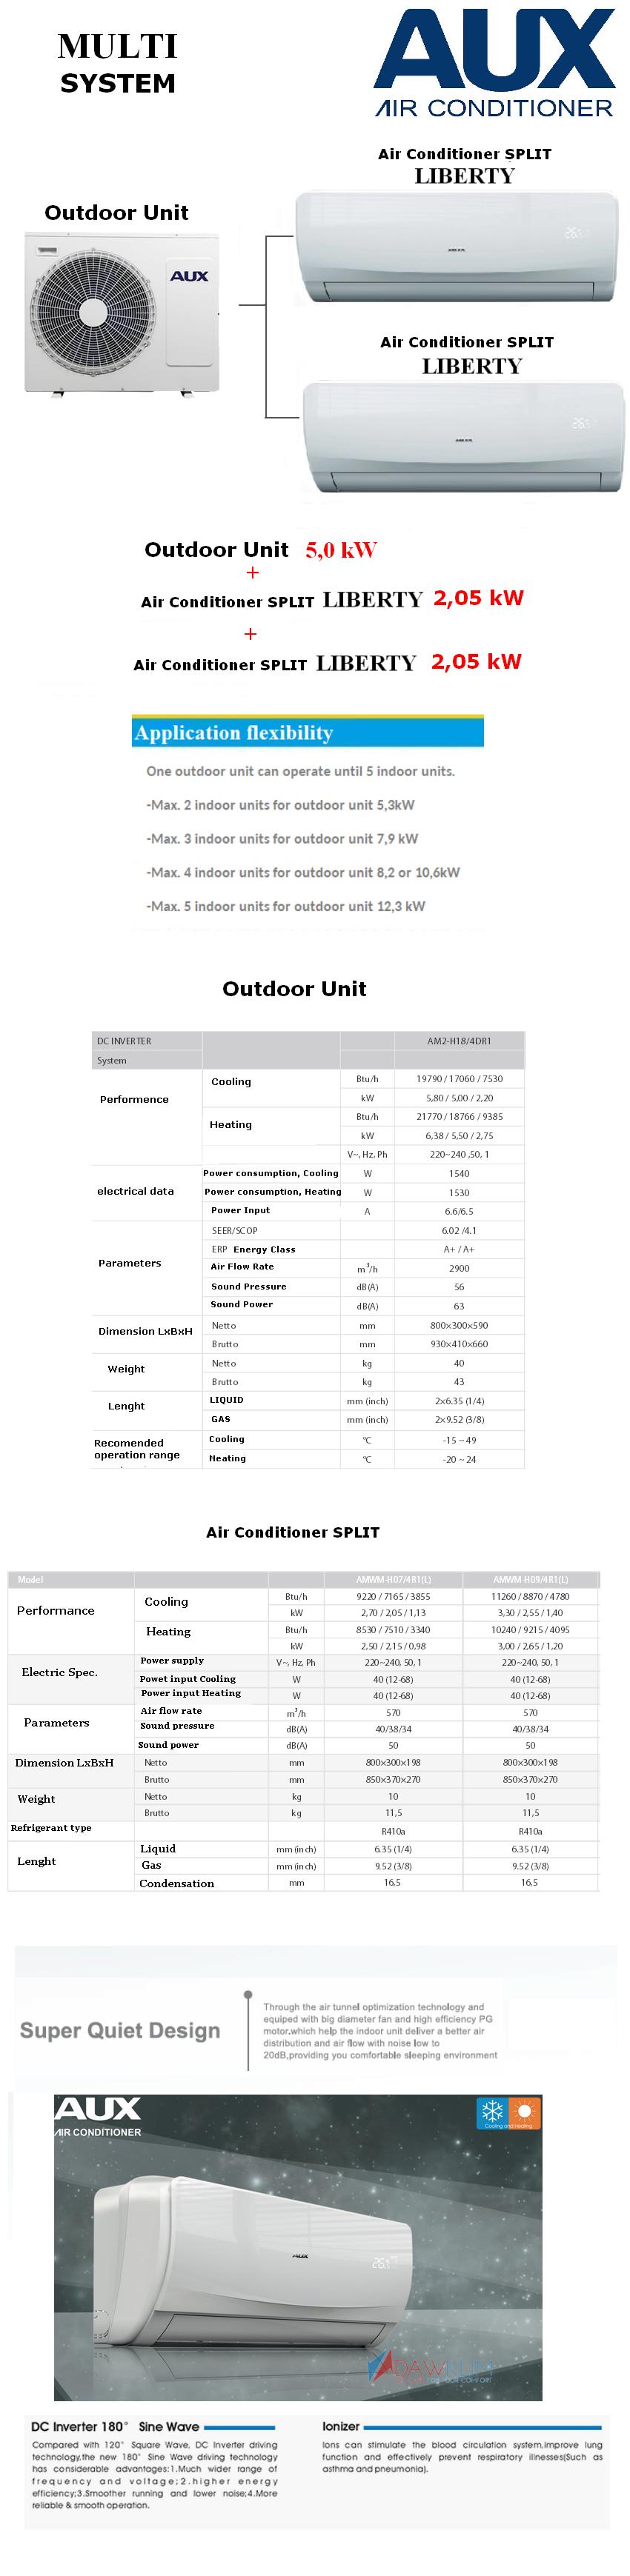 air conditioner multi aux outdoor unit h18+ air conditioner split